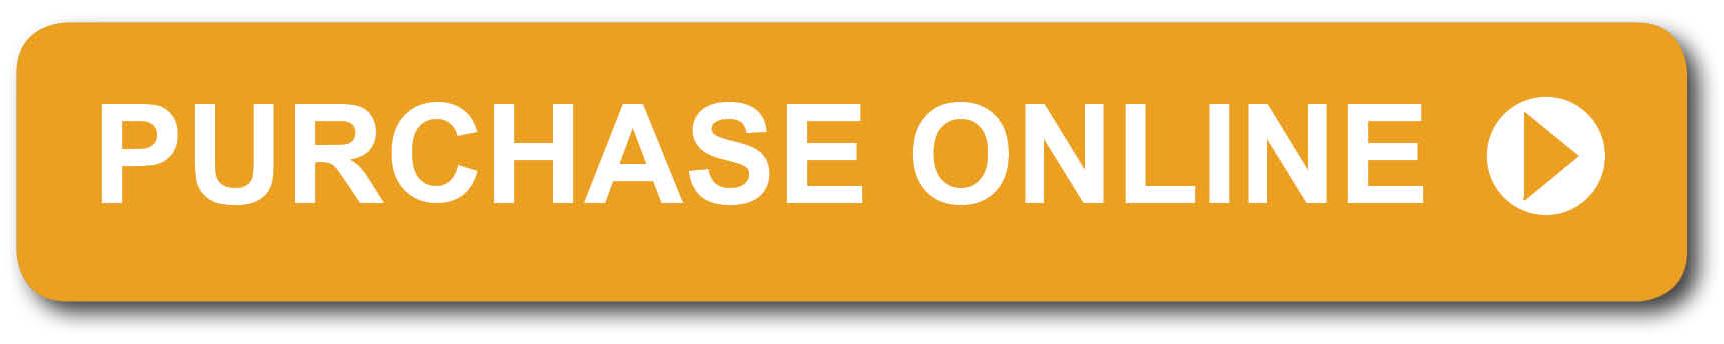 purchase-online-button1.jpg